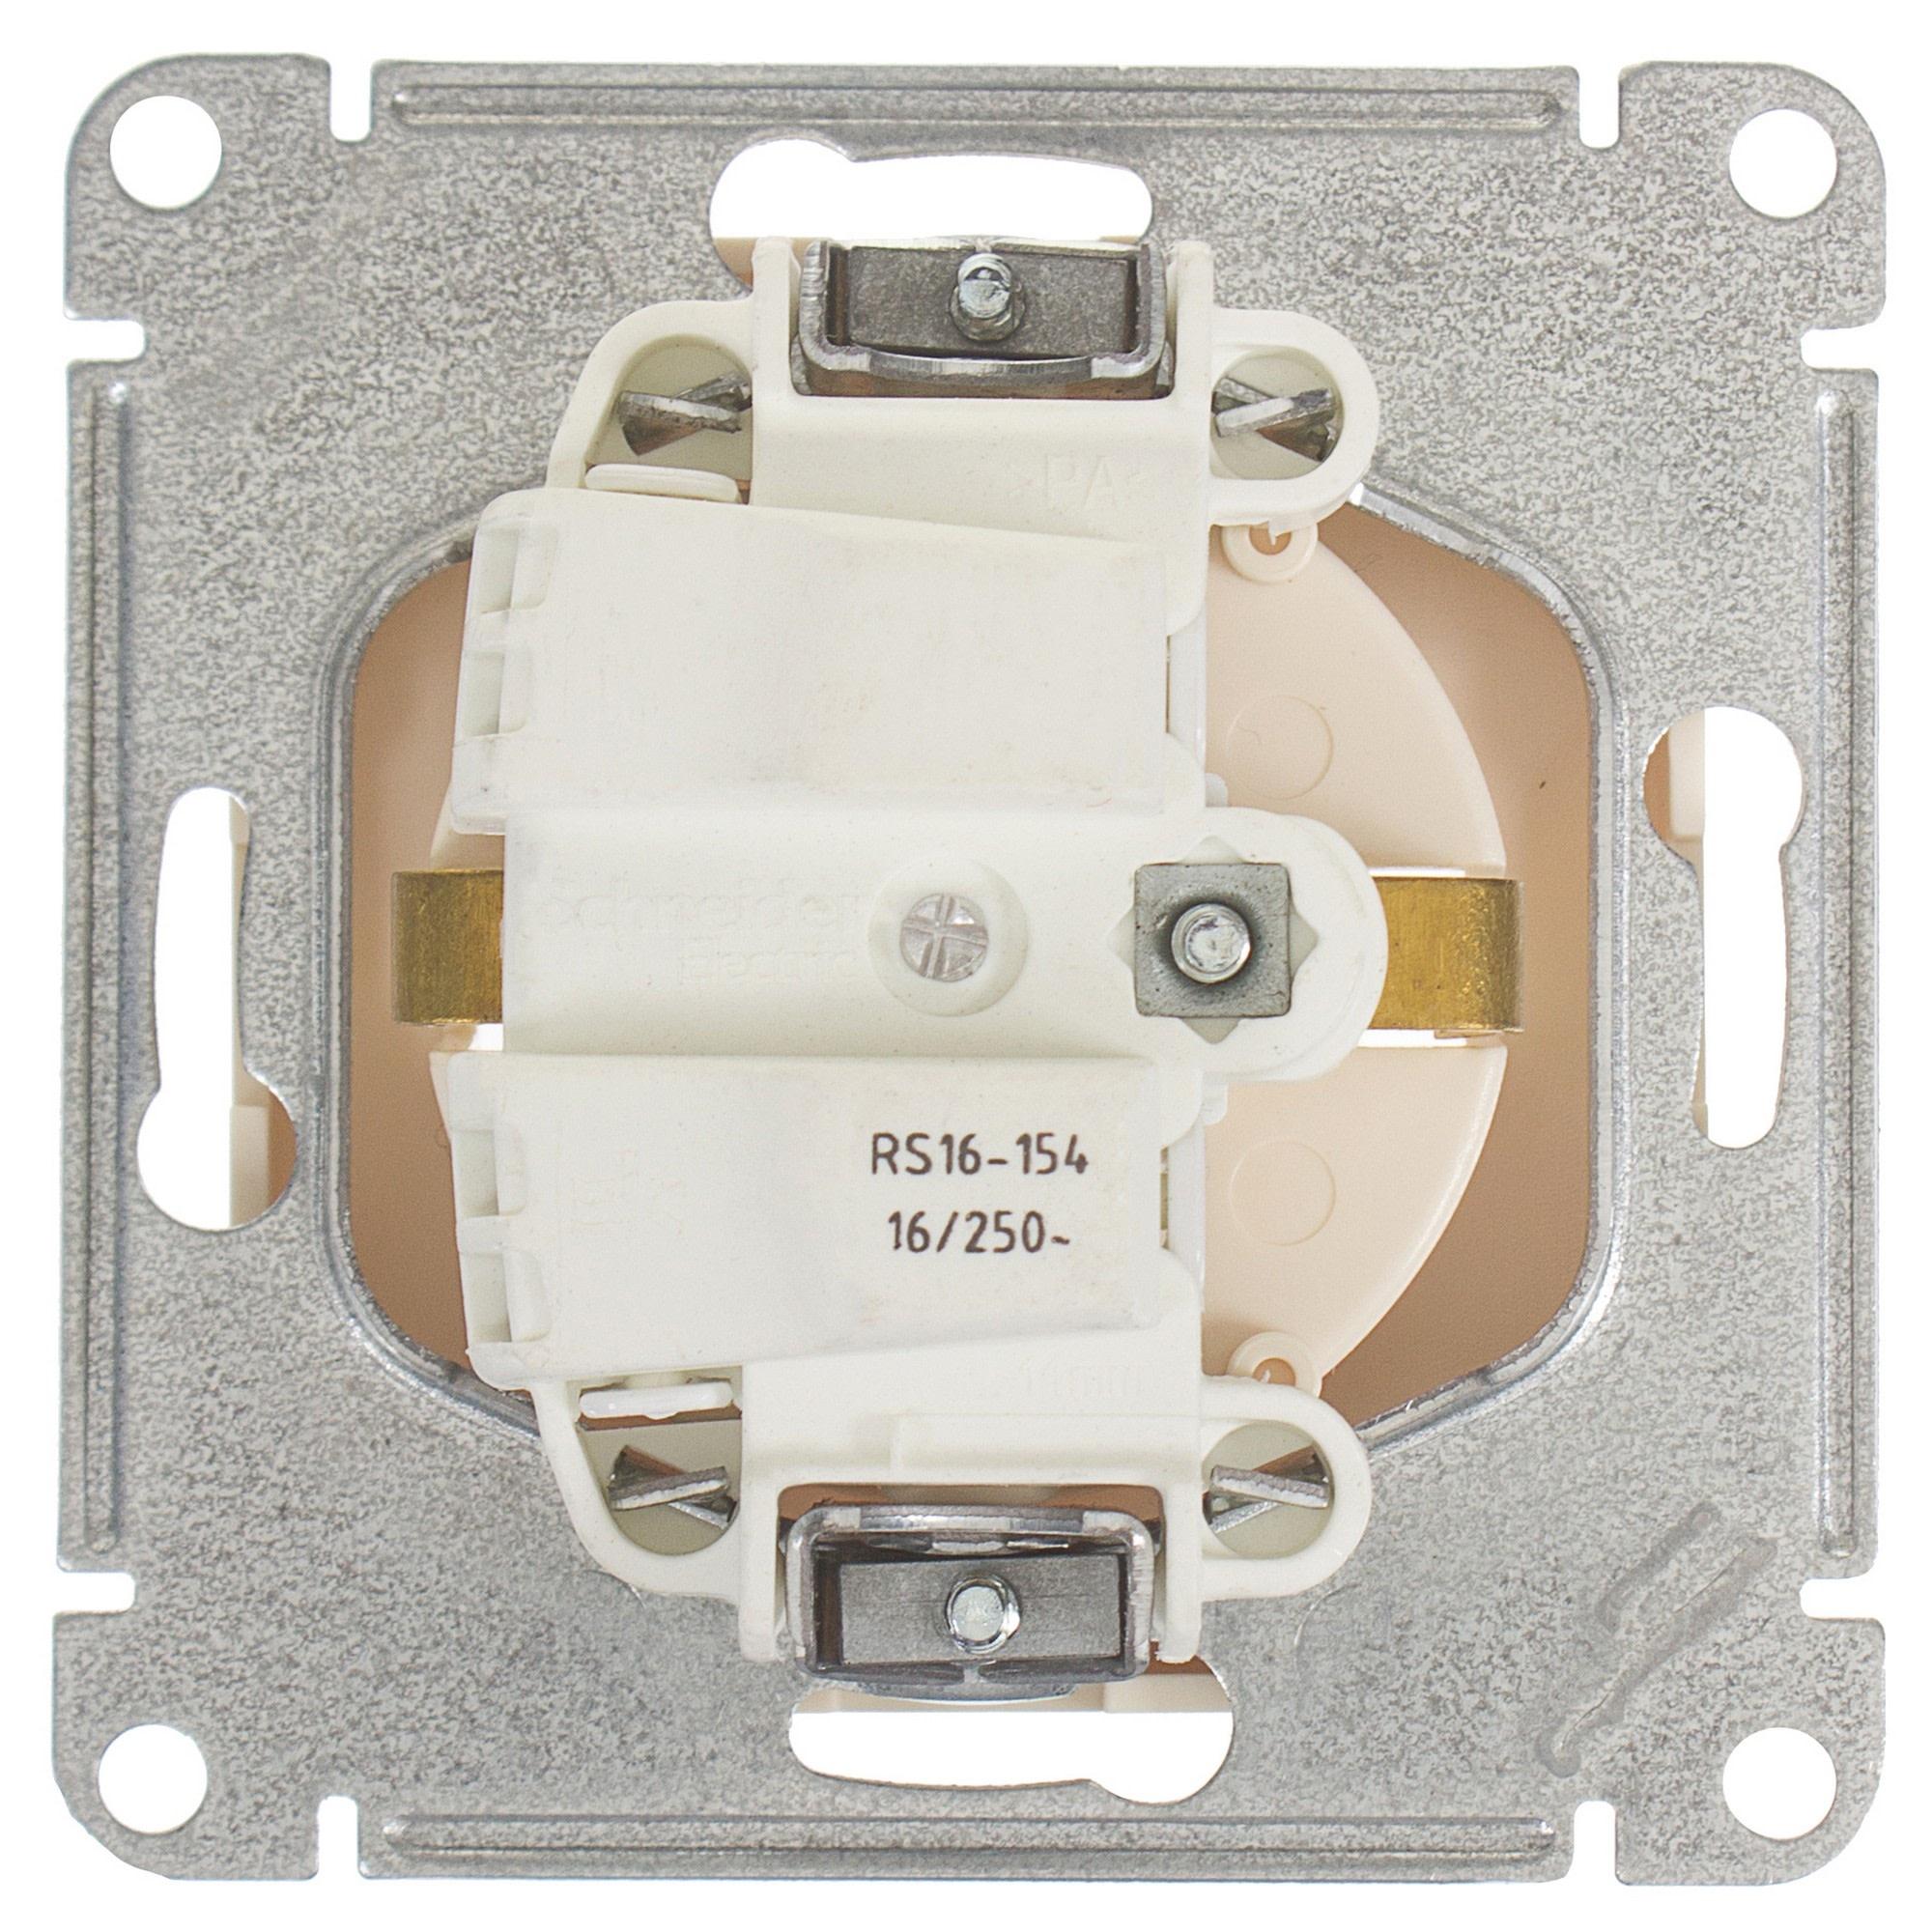 deab1cca91c1 Розетка Schneider Electric W59 с заземлением, цвет слоновая кость в ...